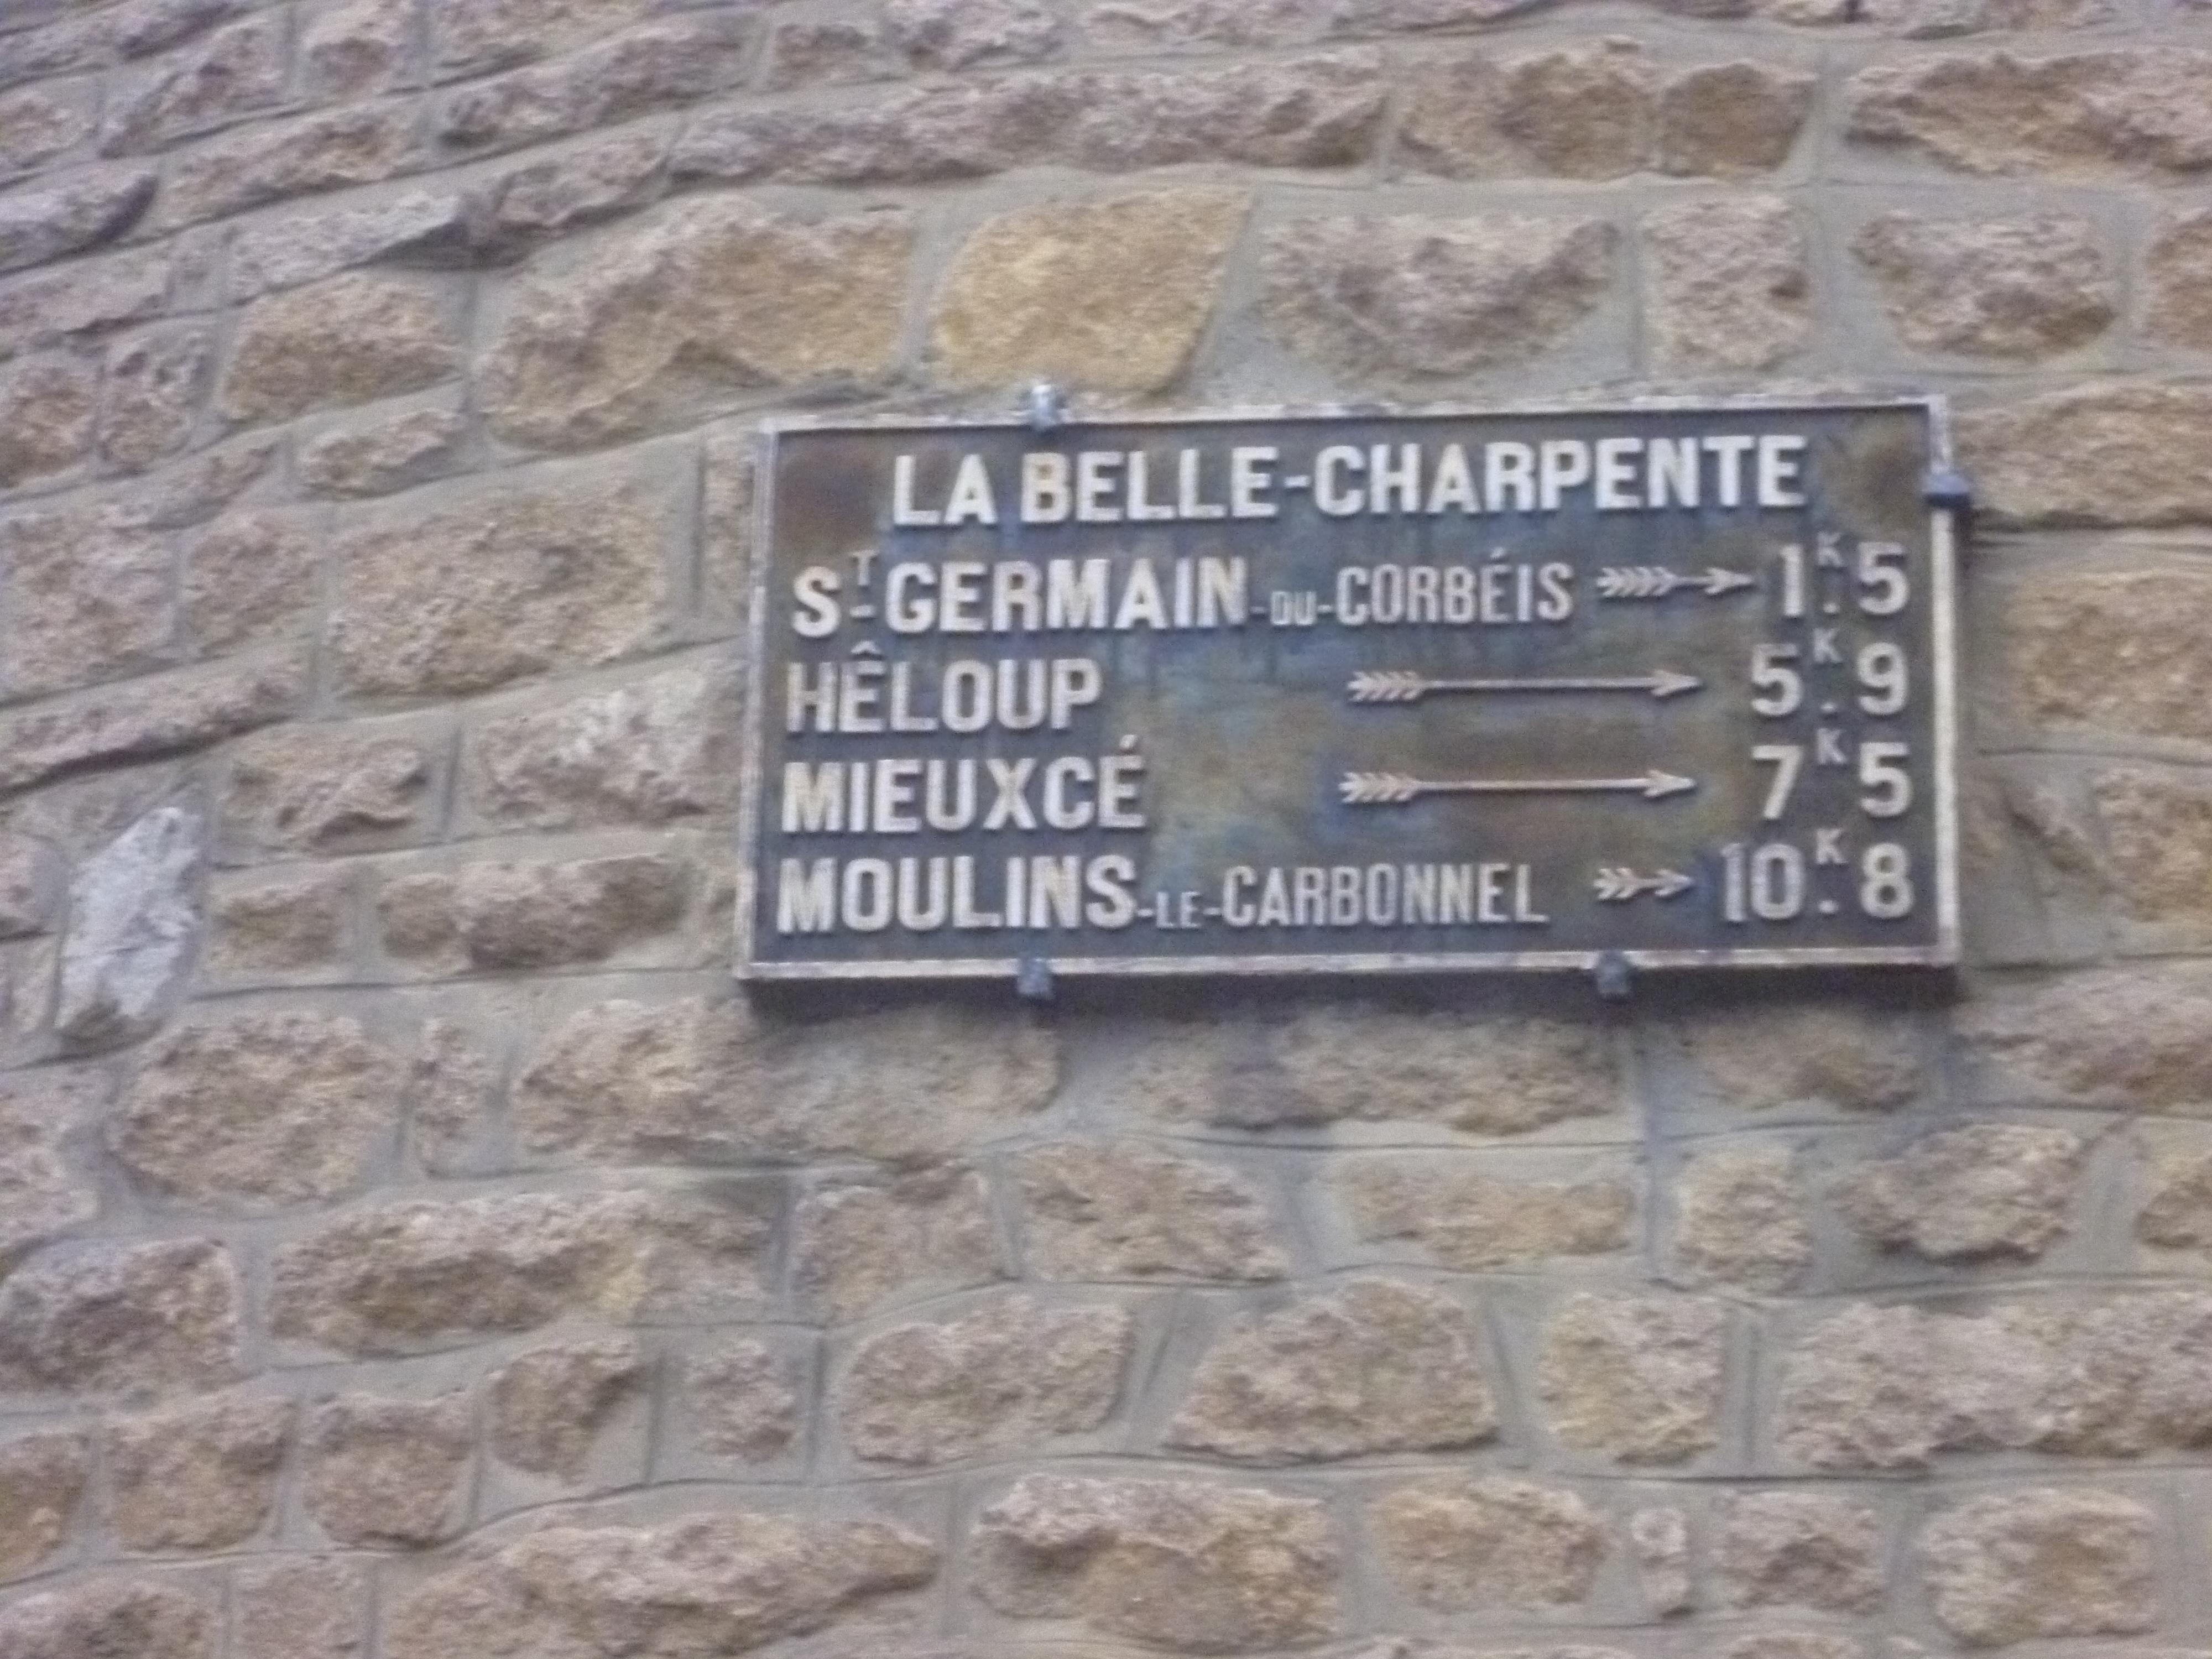 Zone 61 - Saint Germain du Corbéis, lieu dit La Belle Charpente, rue du Général Leclerc - Plaque de cocher - Saint Germain du Corbéis - Hêloup - Mieuxcé - Moulins le Carbonnel (Gwéna Tireau)